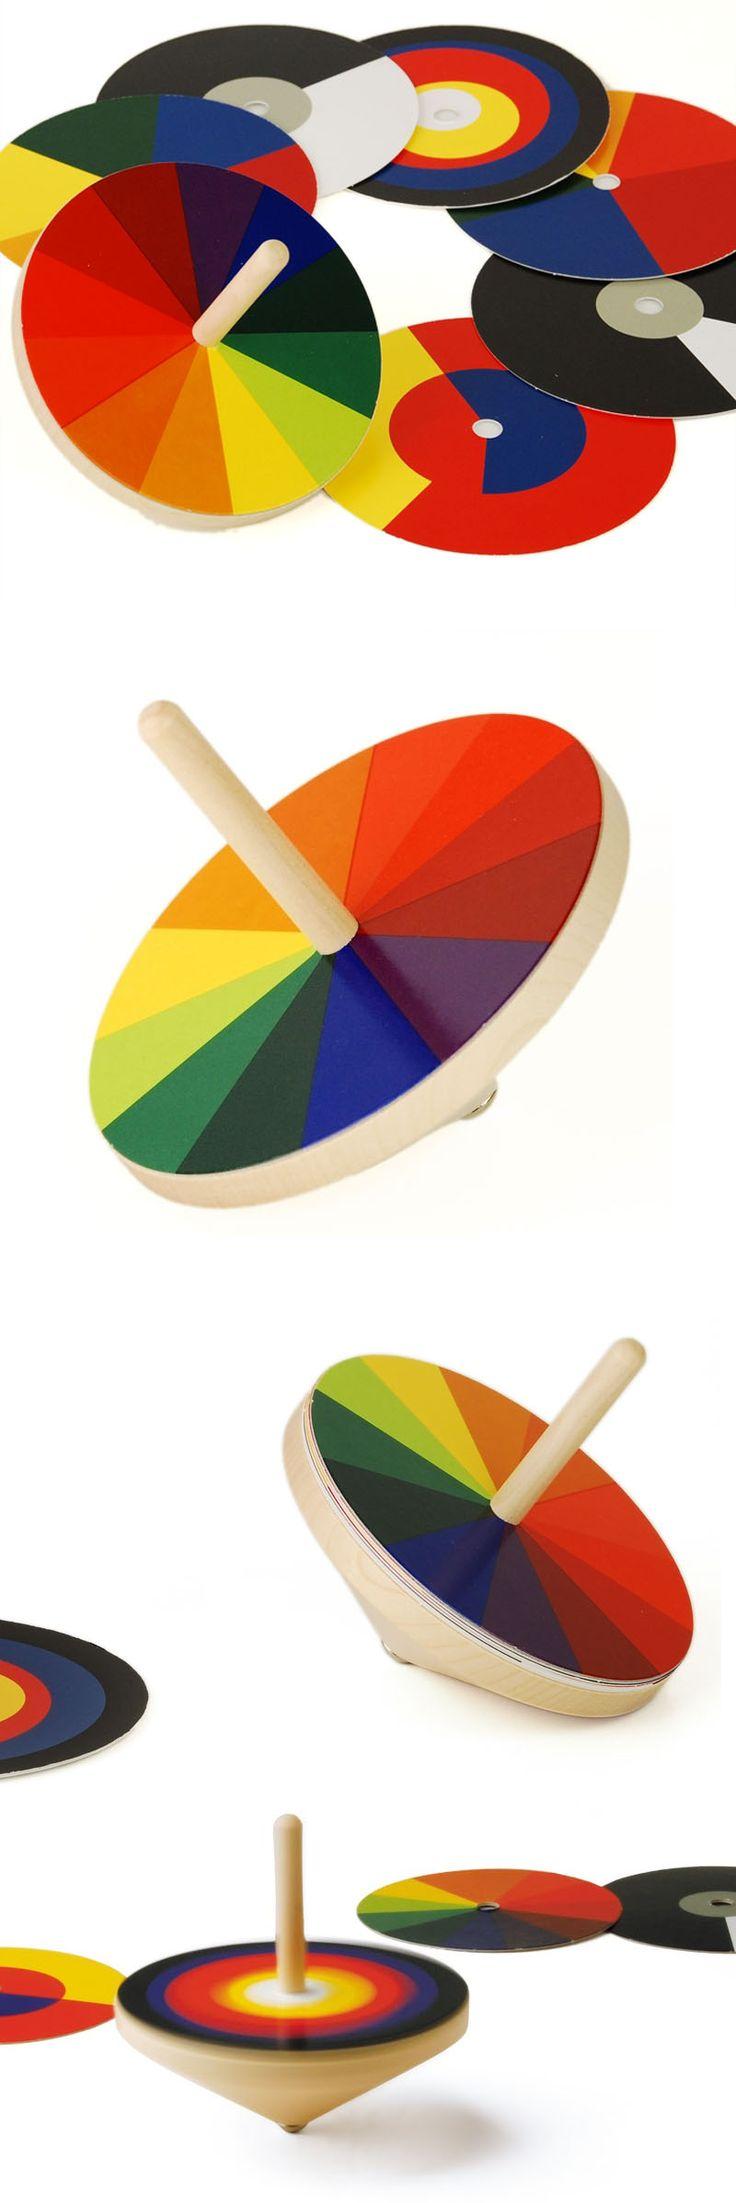 Naef Bauhaus Optischer Farbmischer Spinning Top Toy:  http://www.nova68.com/Merchant2/merchant.mvc?Screen=PROD_Code=naefbauhaus9718